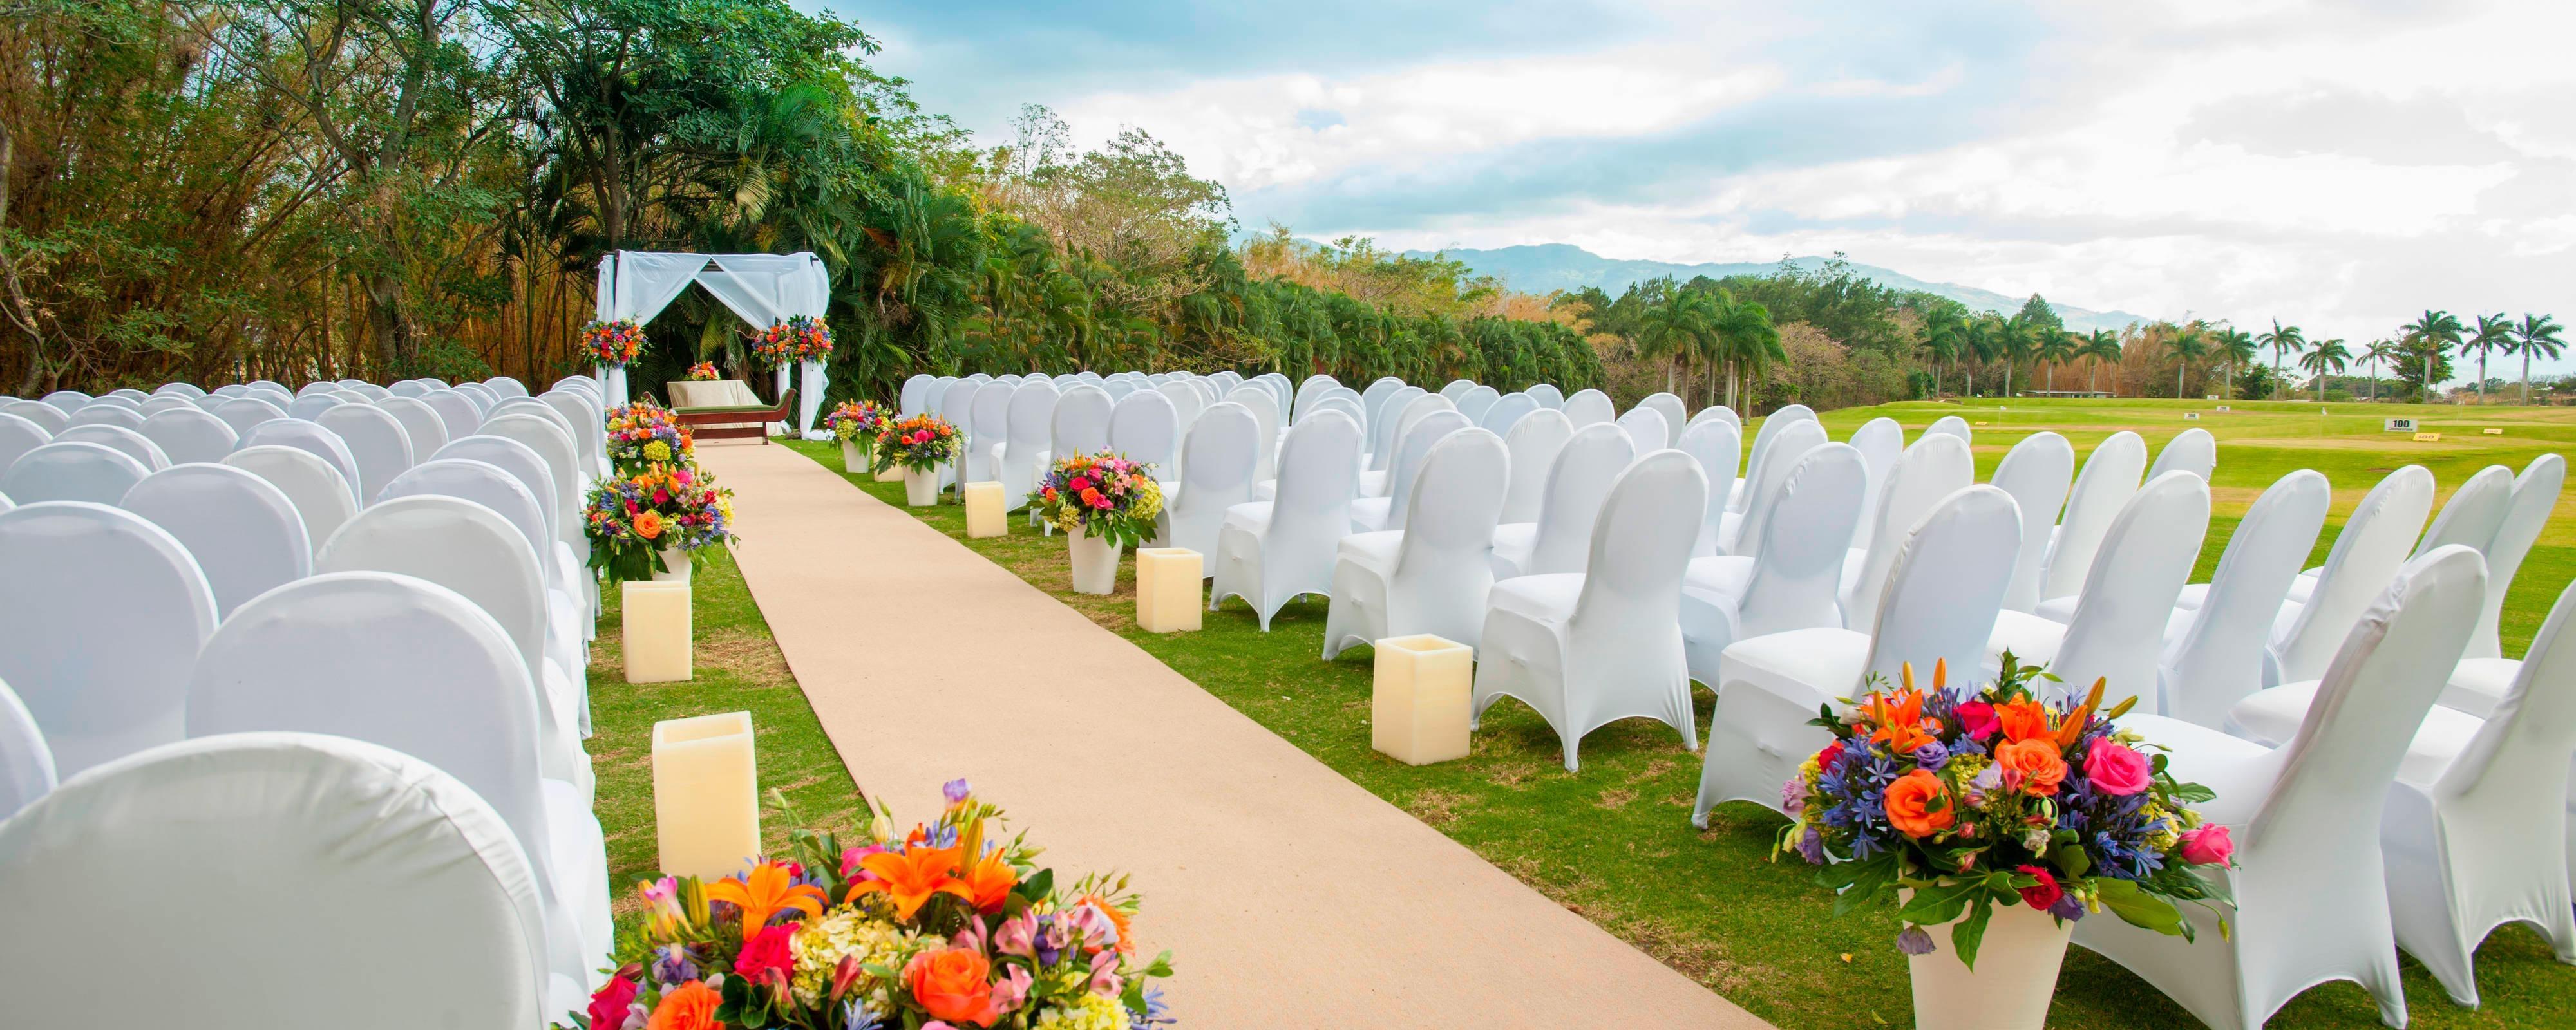 Wedding Venues San Jose | Wedding Venues In San Jose Costa Rica Costa Rica Marriott Hotel